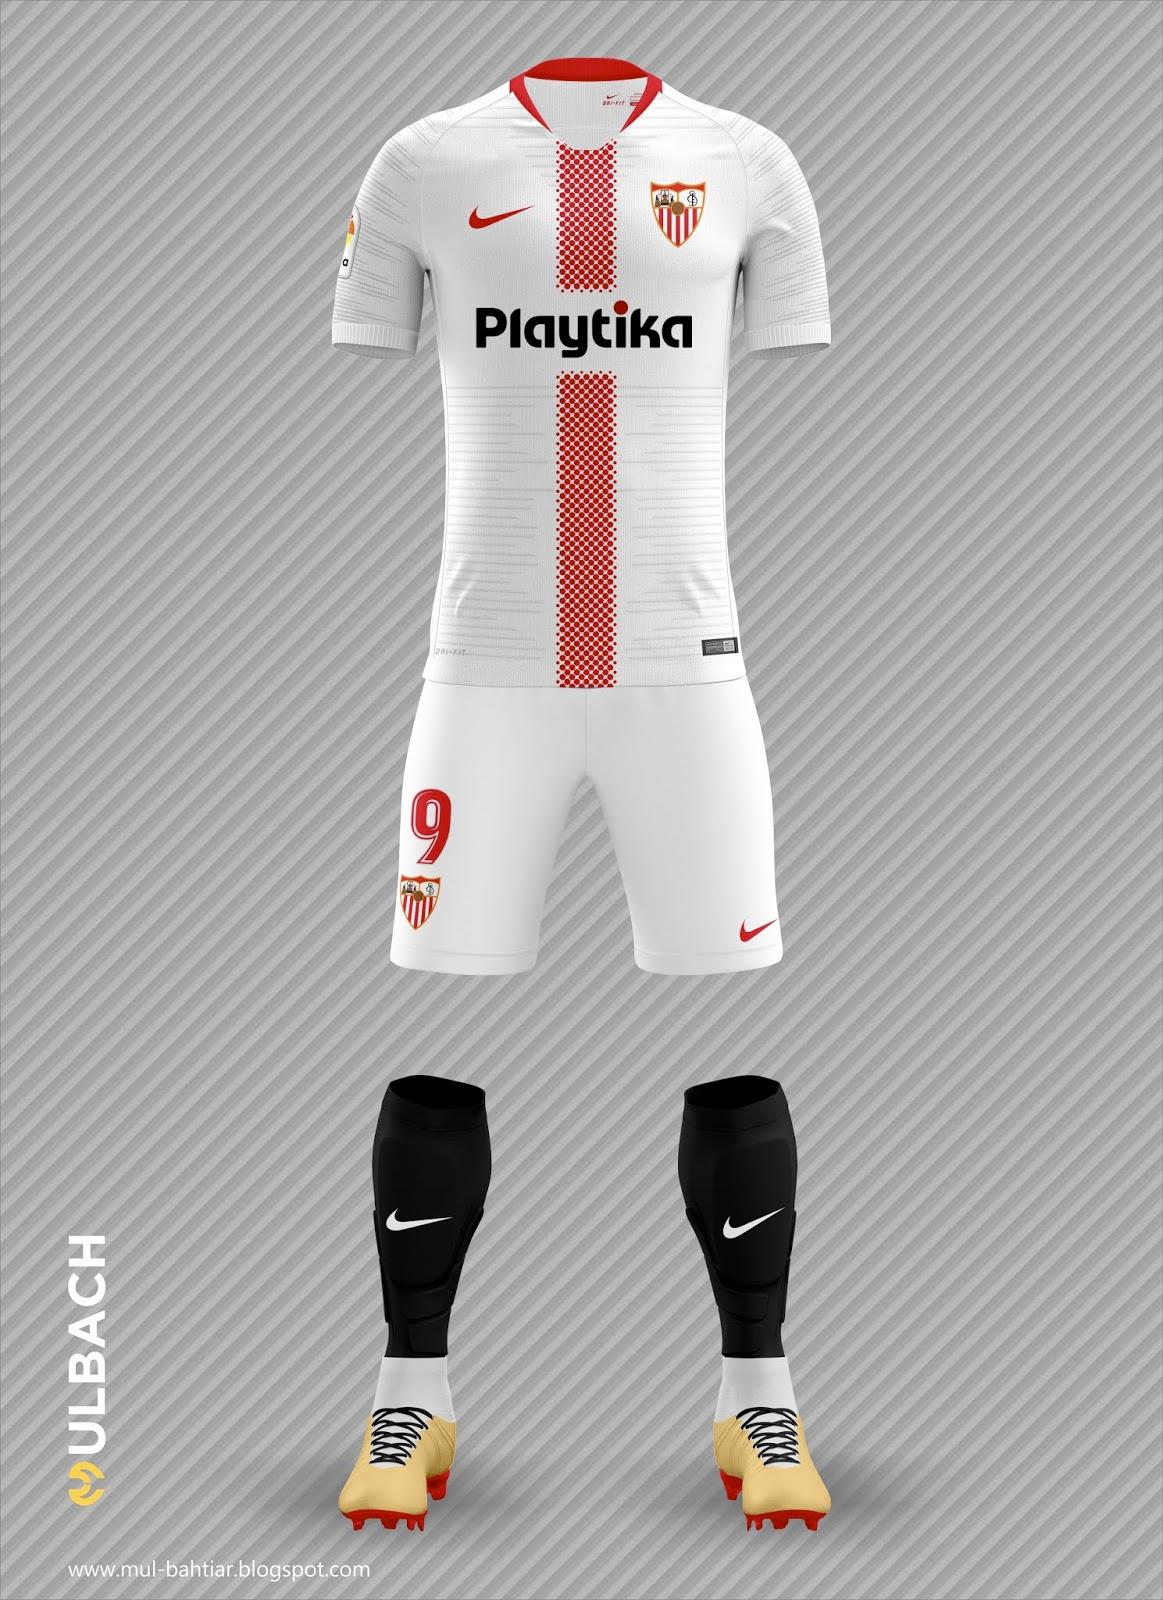 475d8675eadd7 Concept kit camisetas nike del sevilla jpg 1163x1600 Uniformes de futbol  sevilla